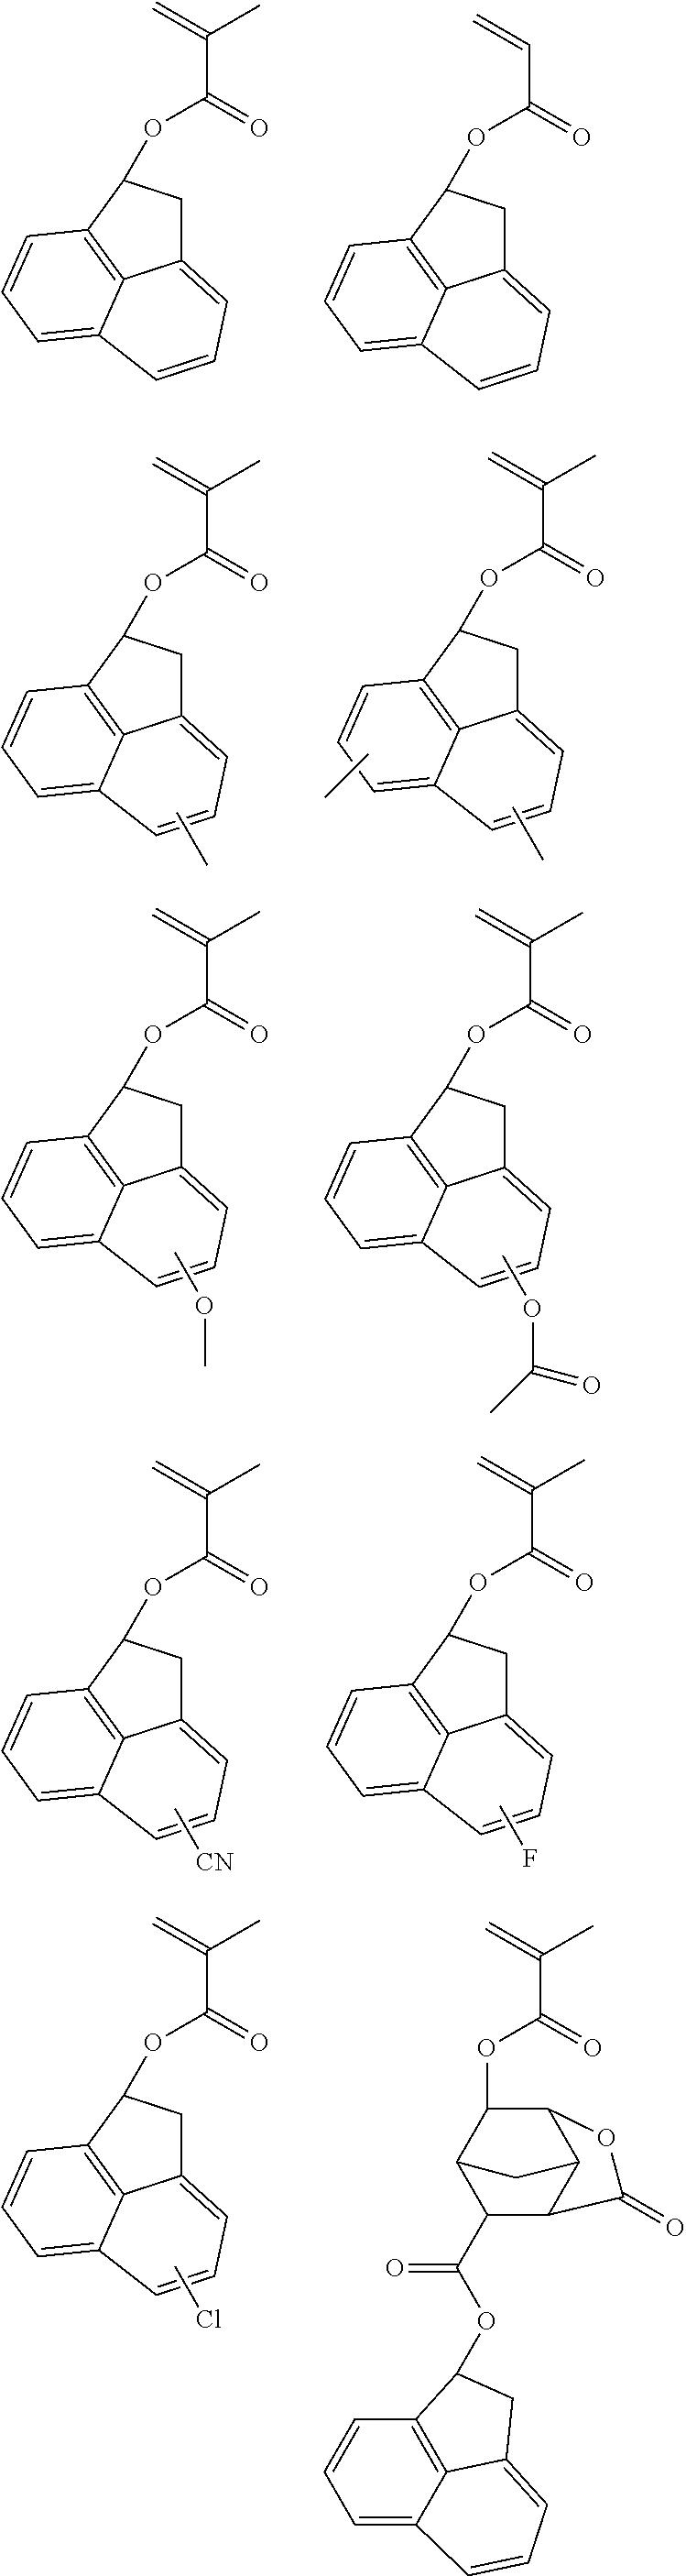 Figure US09040223-20150526-C00079